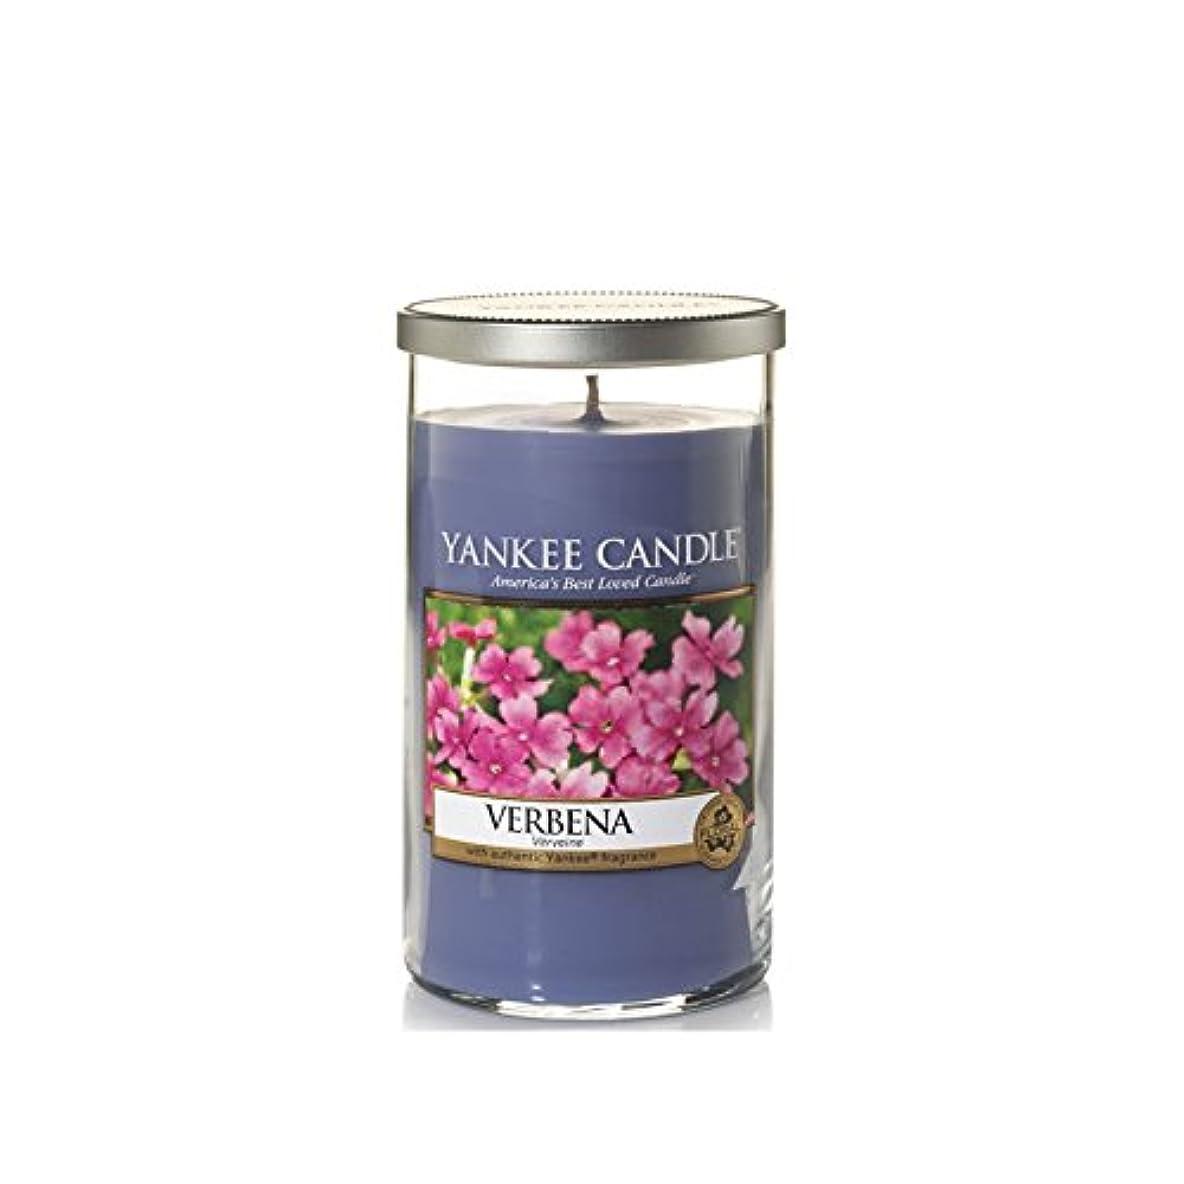 必要ないオーチャード官僚ヤンキーキャンドルメディアピラーキャンドル - バーベナ - Yankee Candles Medium Pillar Candle - Verbena (Yankee Candles) [並行輸入品]